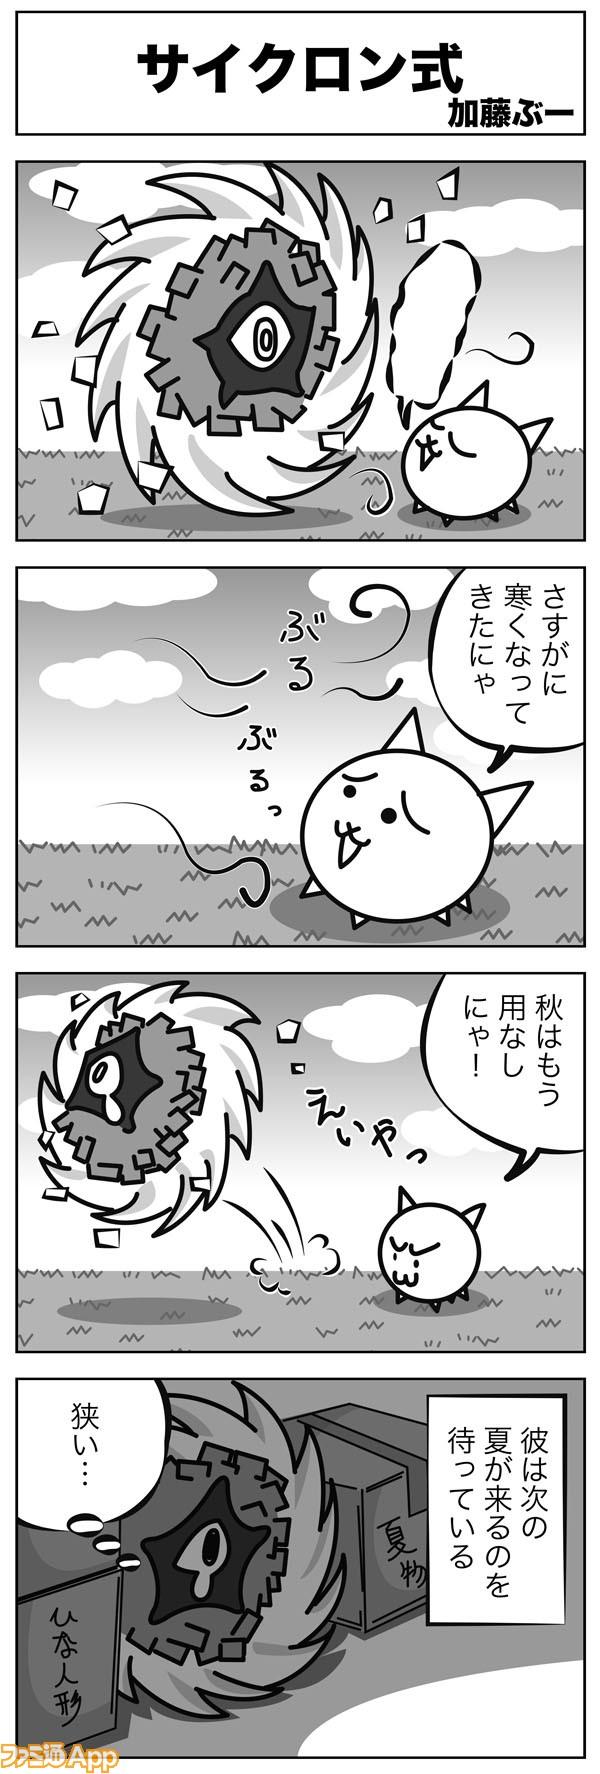 04kato-069